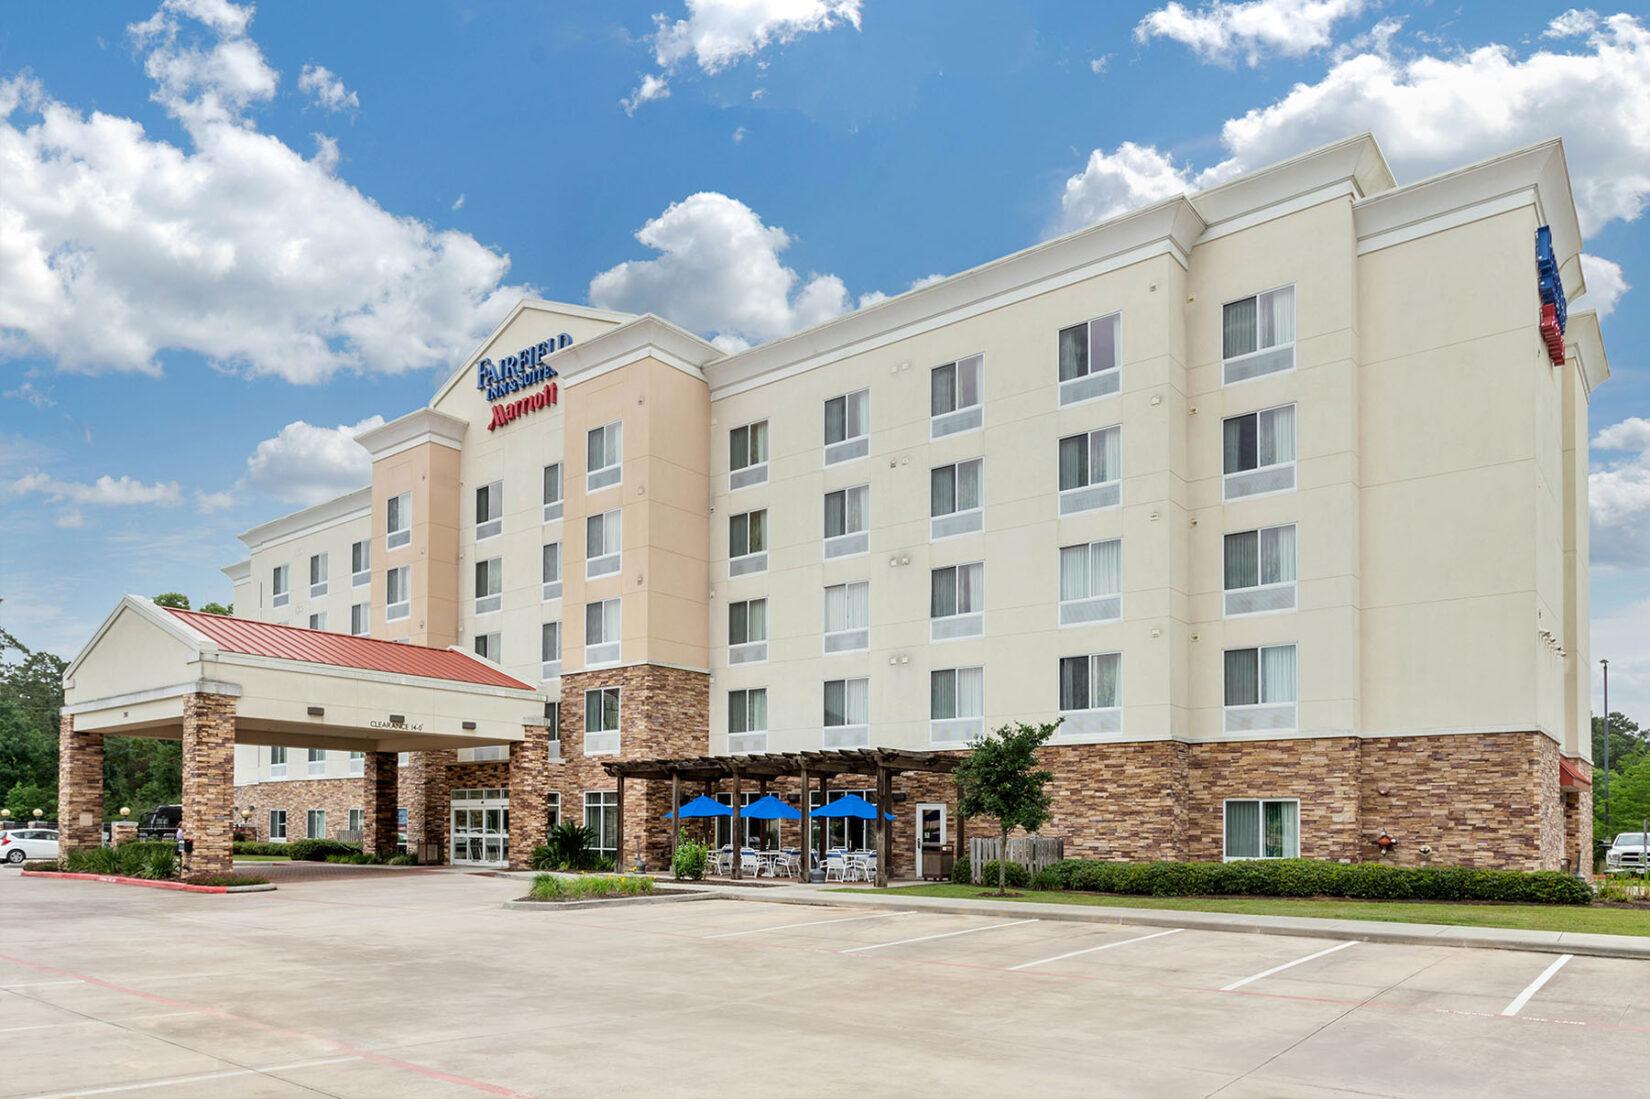 Fairfield Inn & Suites Marriott Hotel Exterior on Sunny Day